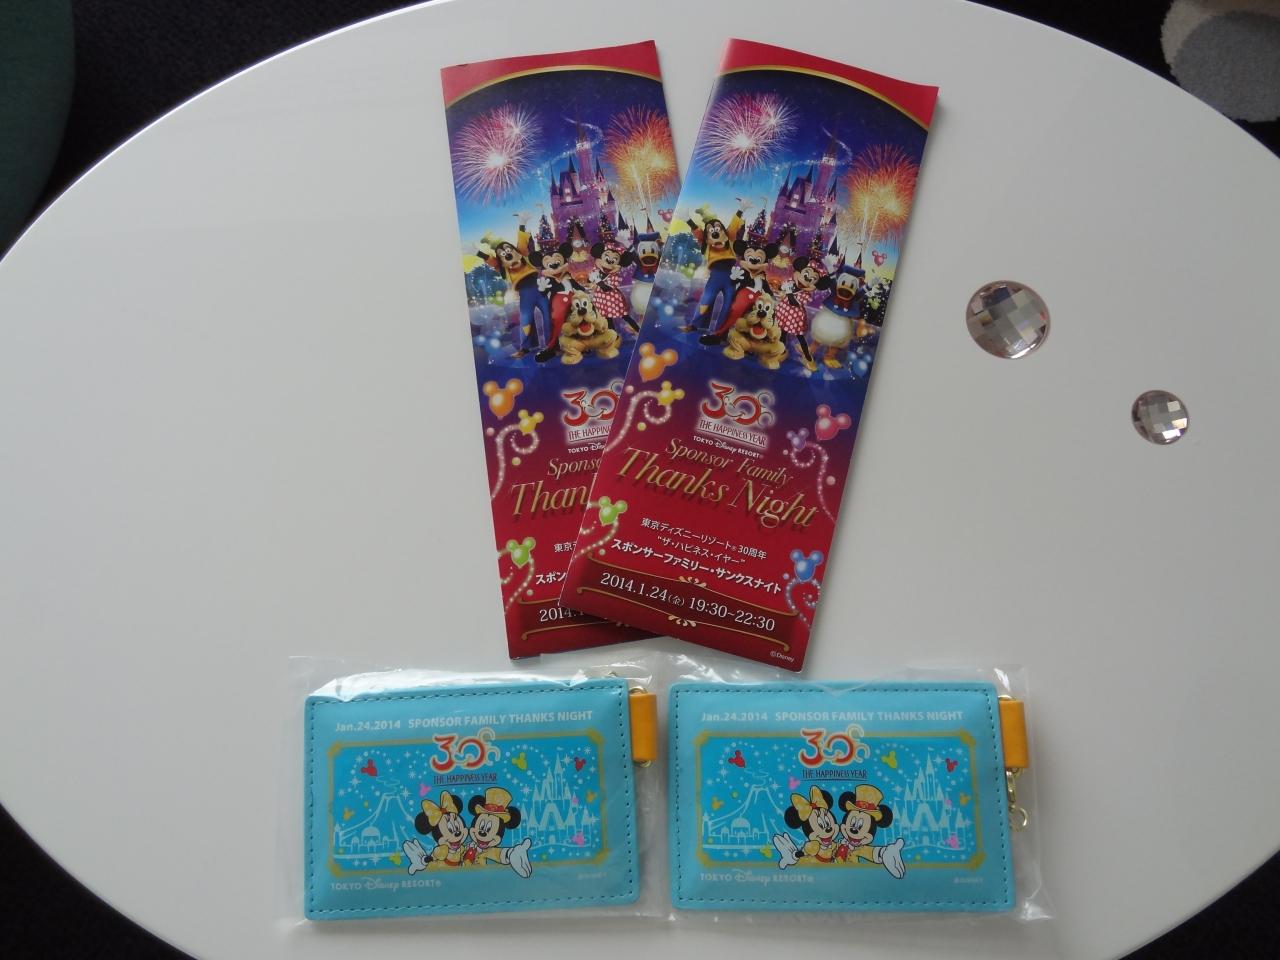 """東京ディズニーリゾート 30周年 """"ザ・ハピネス・イヤー""""スポンサー"""